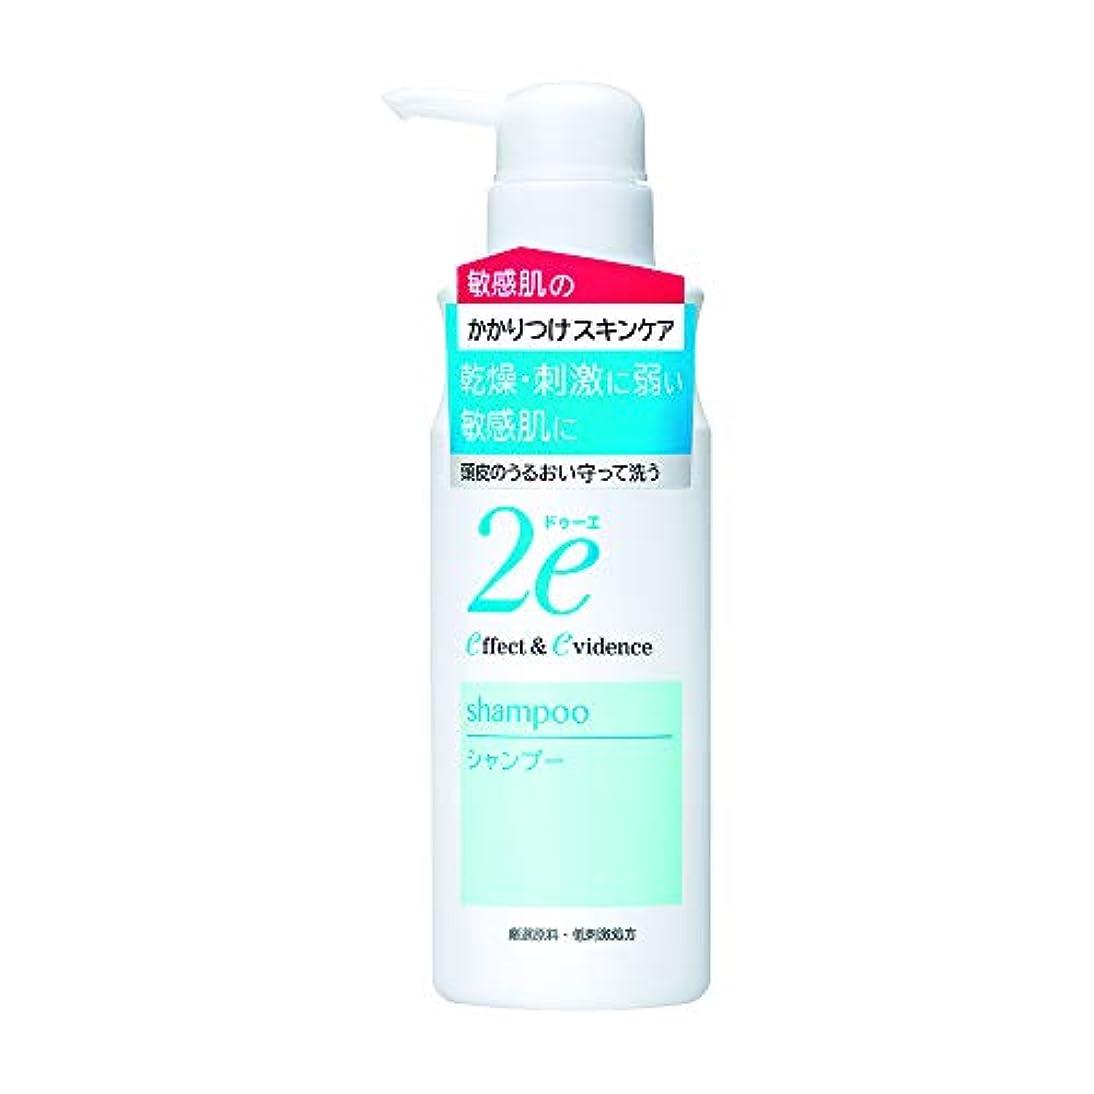 勤勉な有益な倍増2e(ドゥーエ) シャンプー 敏感肌用 低刺激処方 ノンシリコンタイプ 350ml